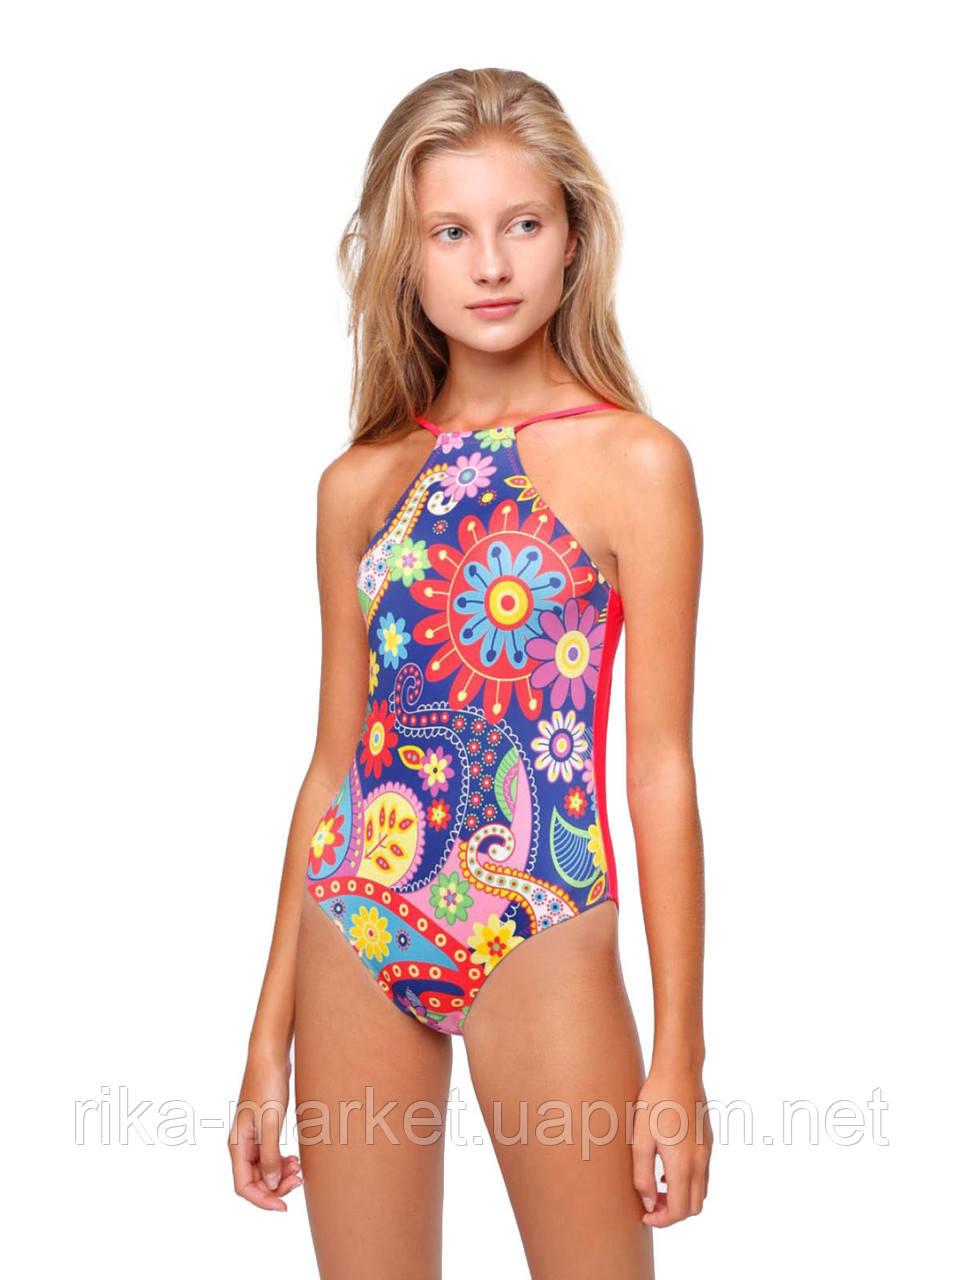 Сдельный купальник для девочки Keyzi, от 7 до 11 лет, Folk